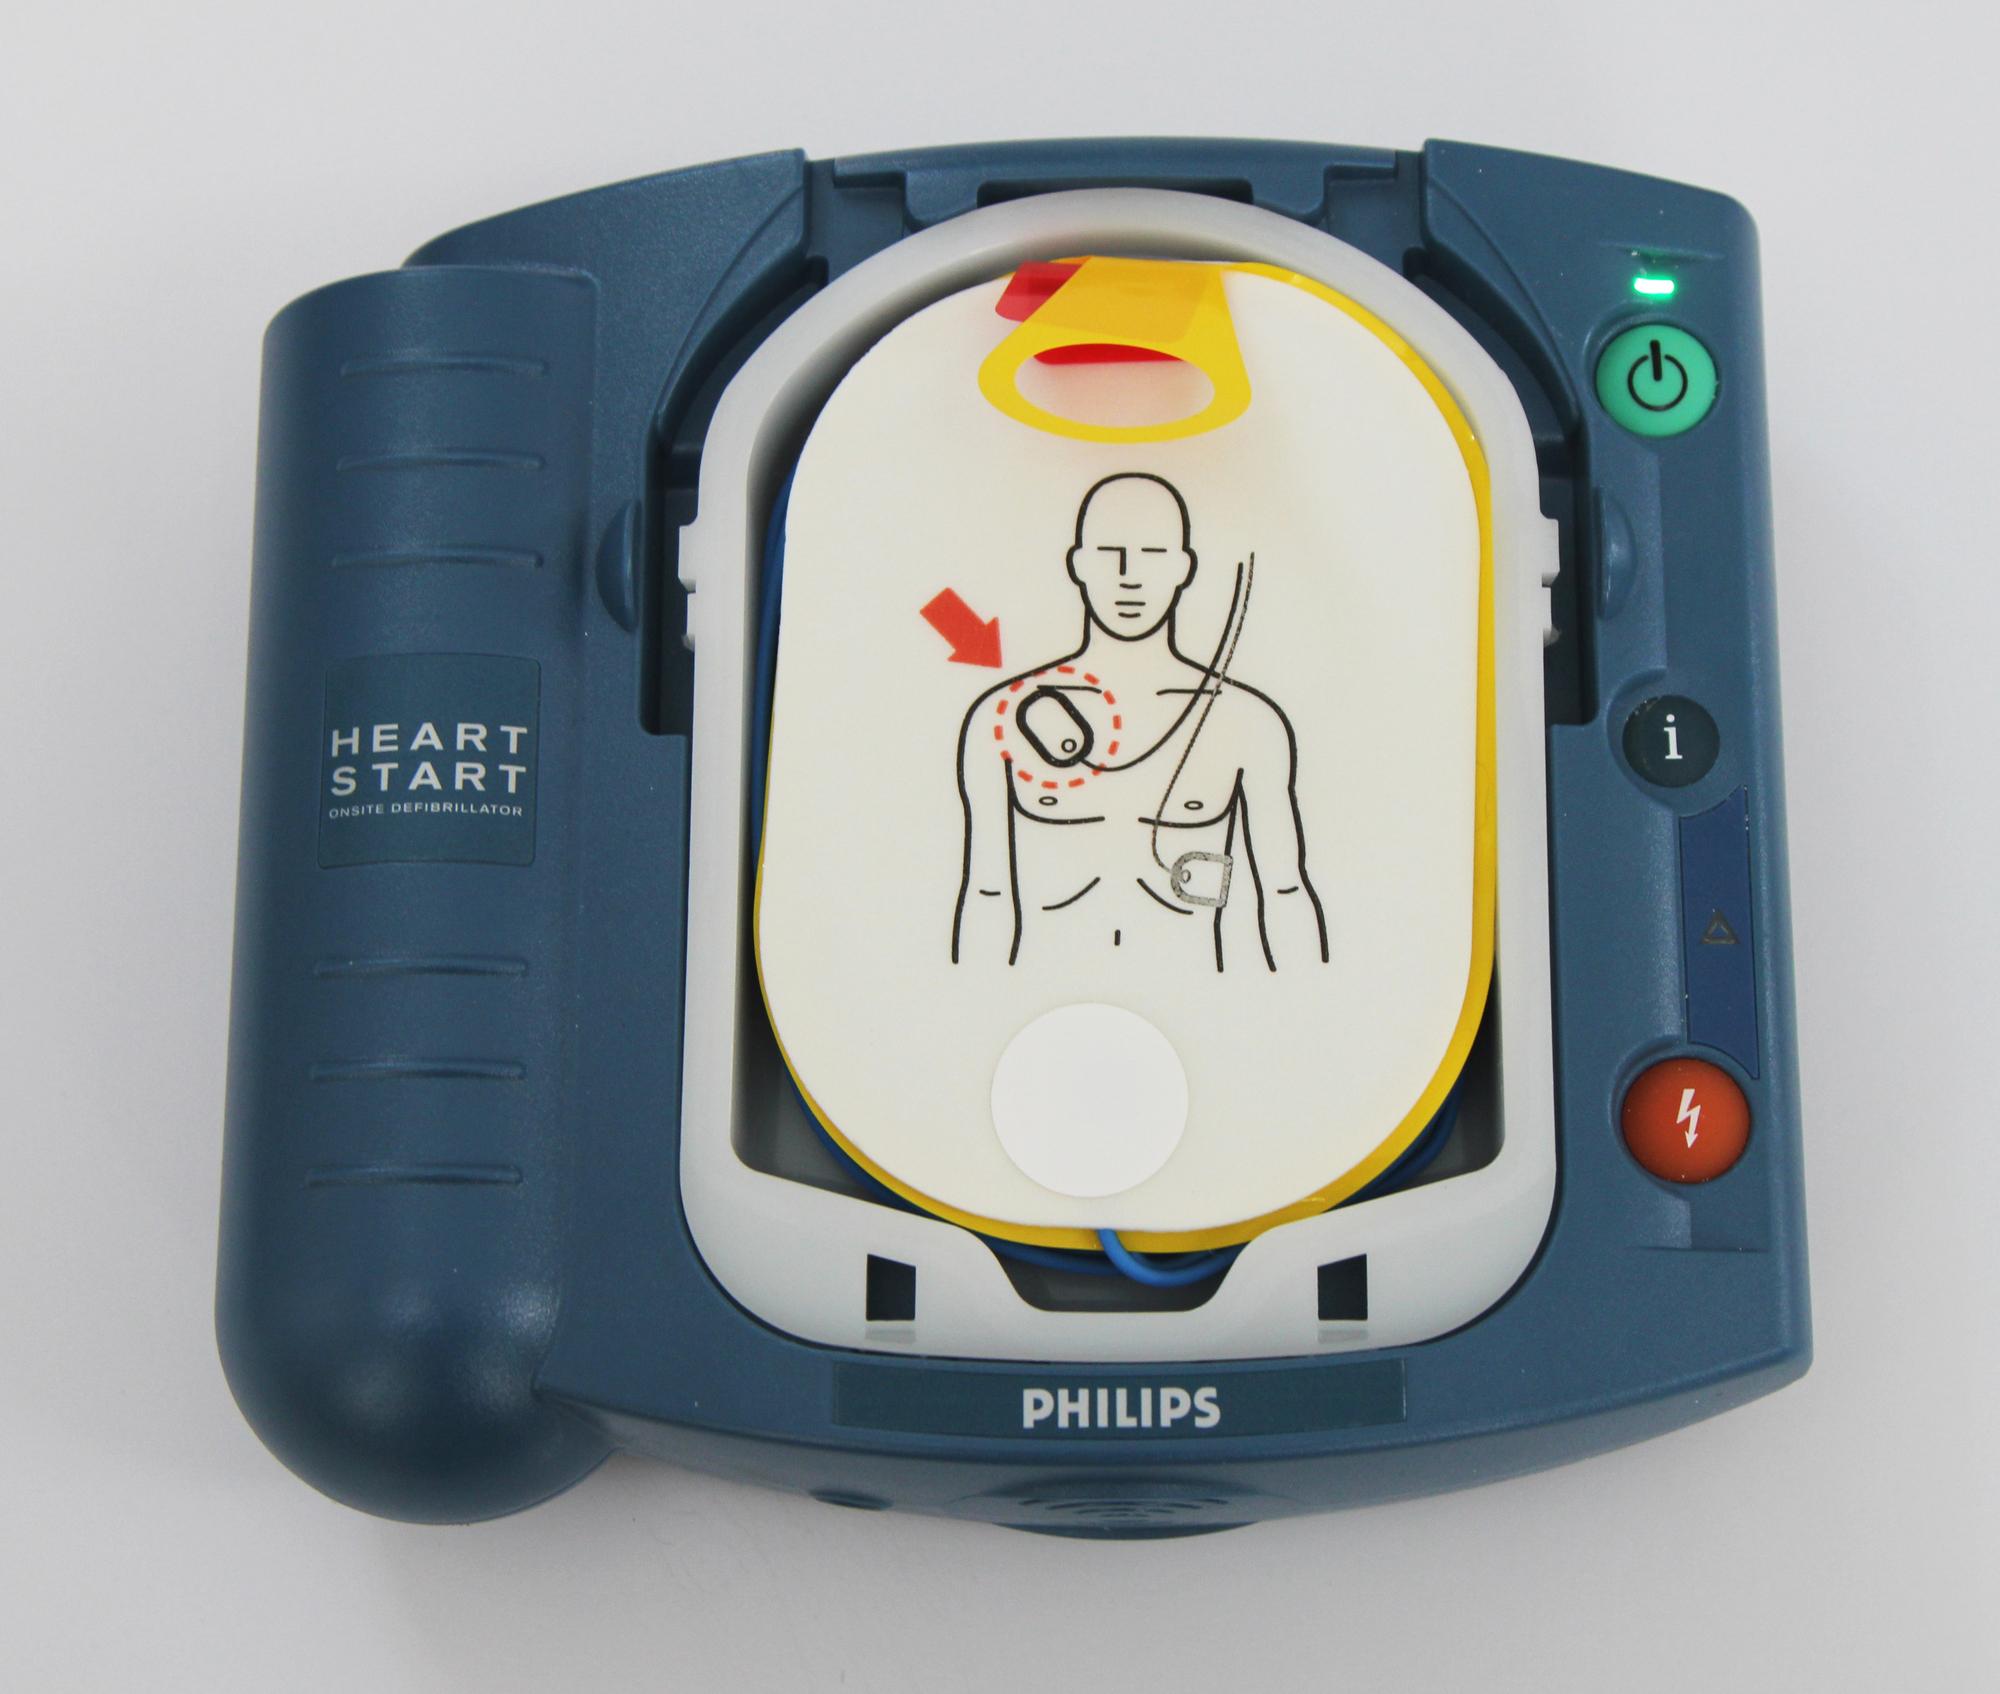 Автоматический наружный дефибриллятор. Нанаклейках сэлектродами нарисовано, куда именно их надо клеить.